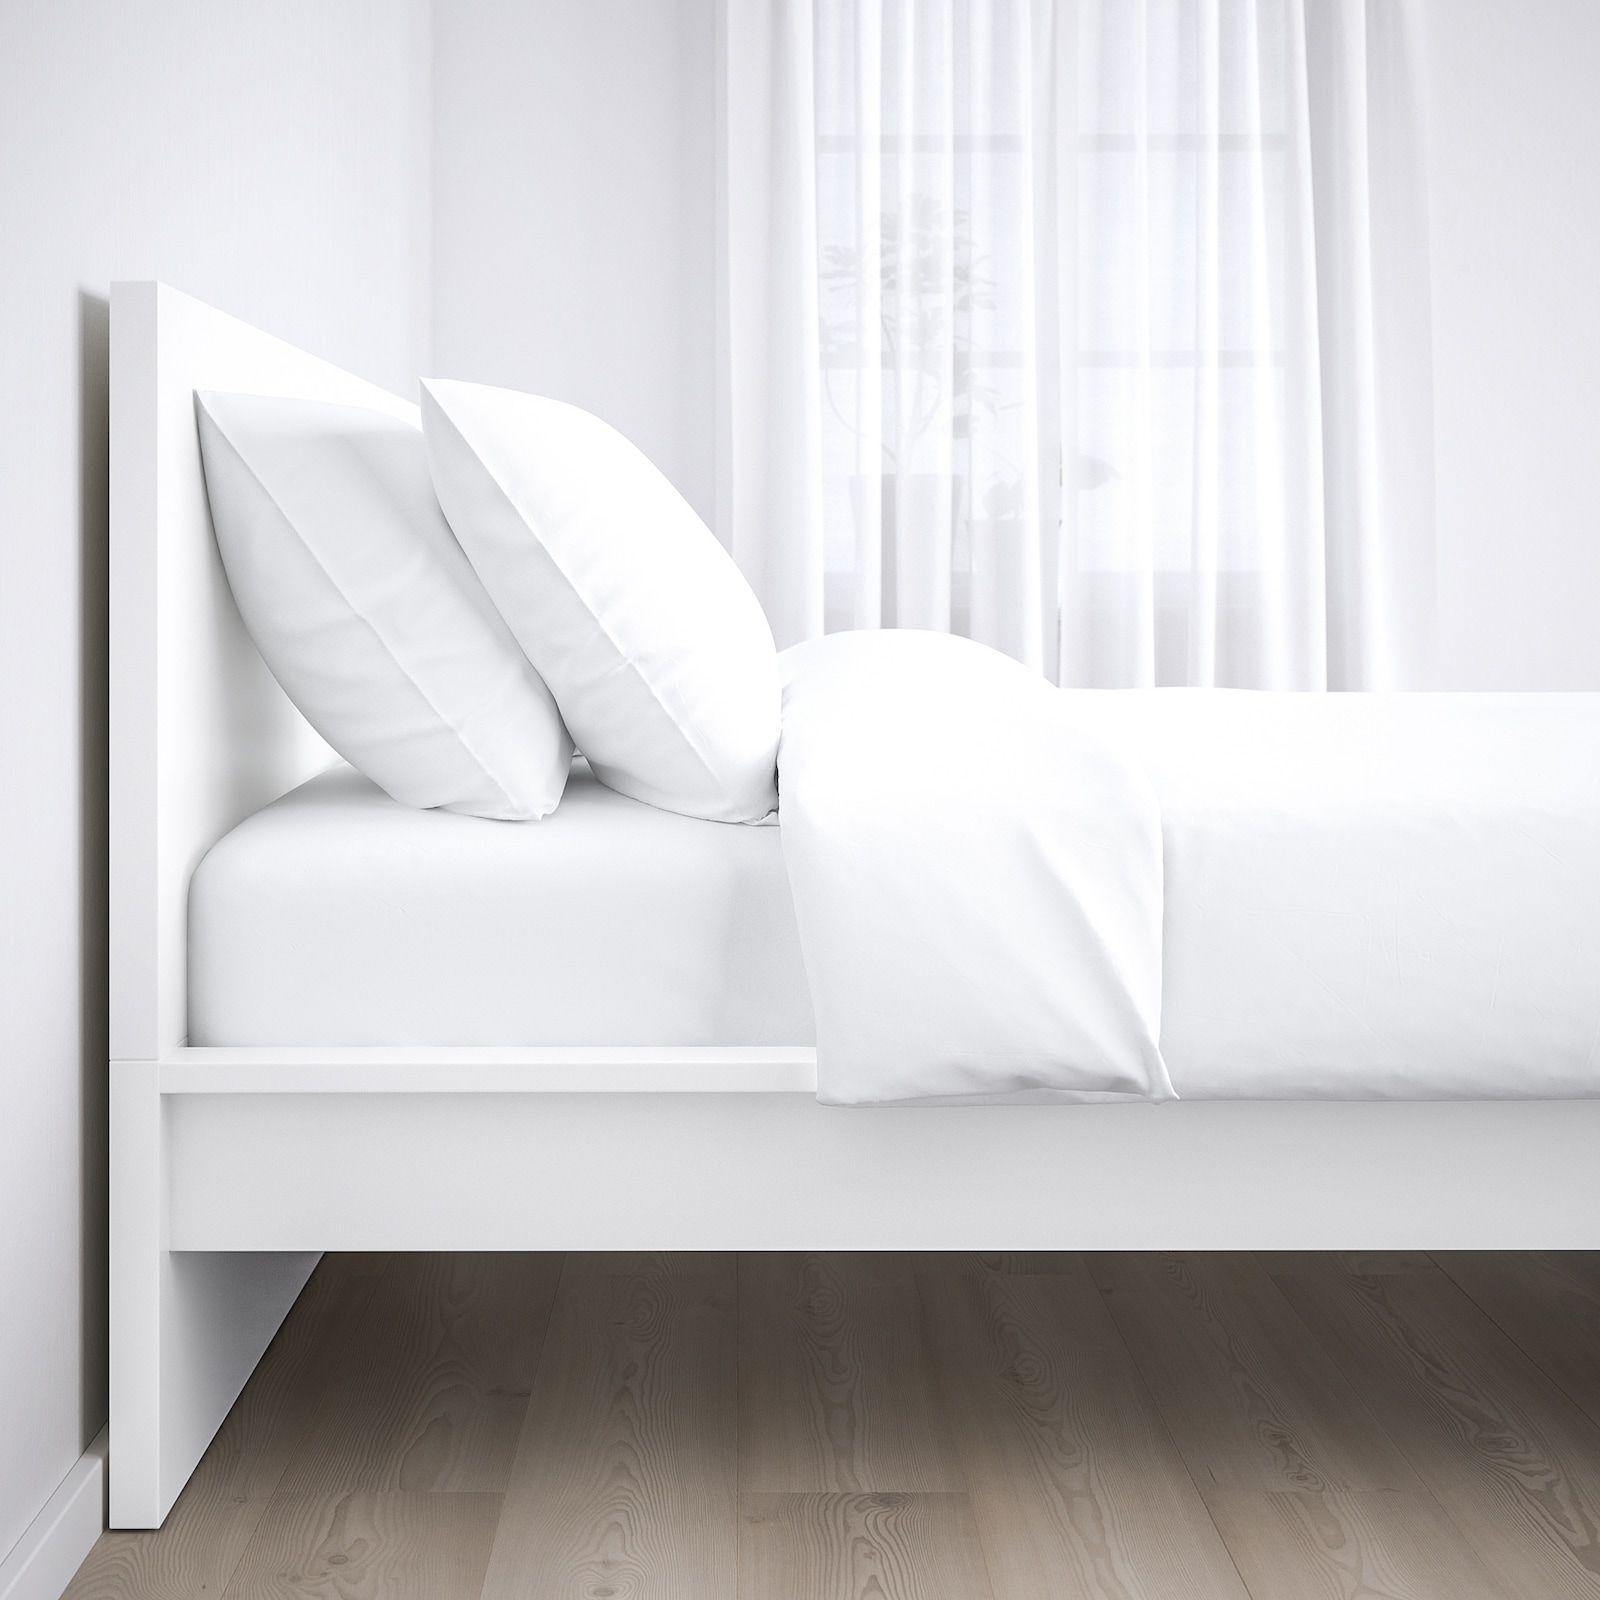 Malm Okvir Kreveta Visoki Bijela Lonset 160x200 Cm Ikea In 2020 White Bed Frame Malm Bed Frame Malm Bed